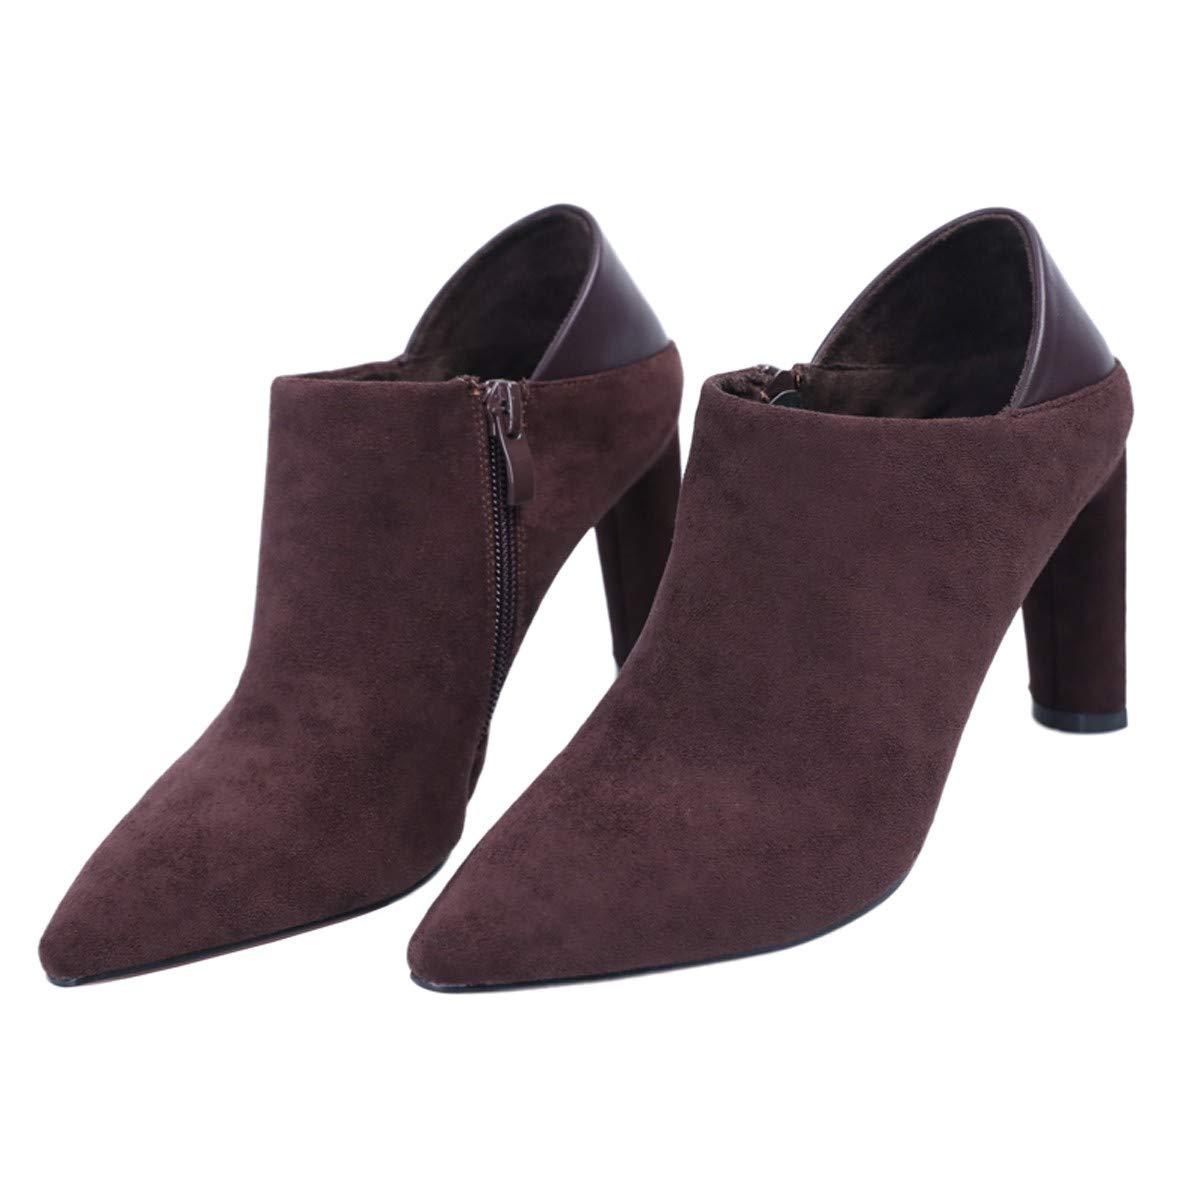 Noir SFSYDDY Chaussures Populaires Une Bouche D'épaisseur Talon De Chaussures De Style De 100 Ensembles Zipper 8.5Cm Talons Thirty-eight